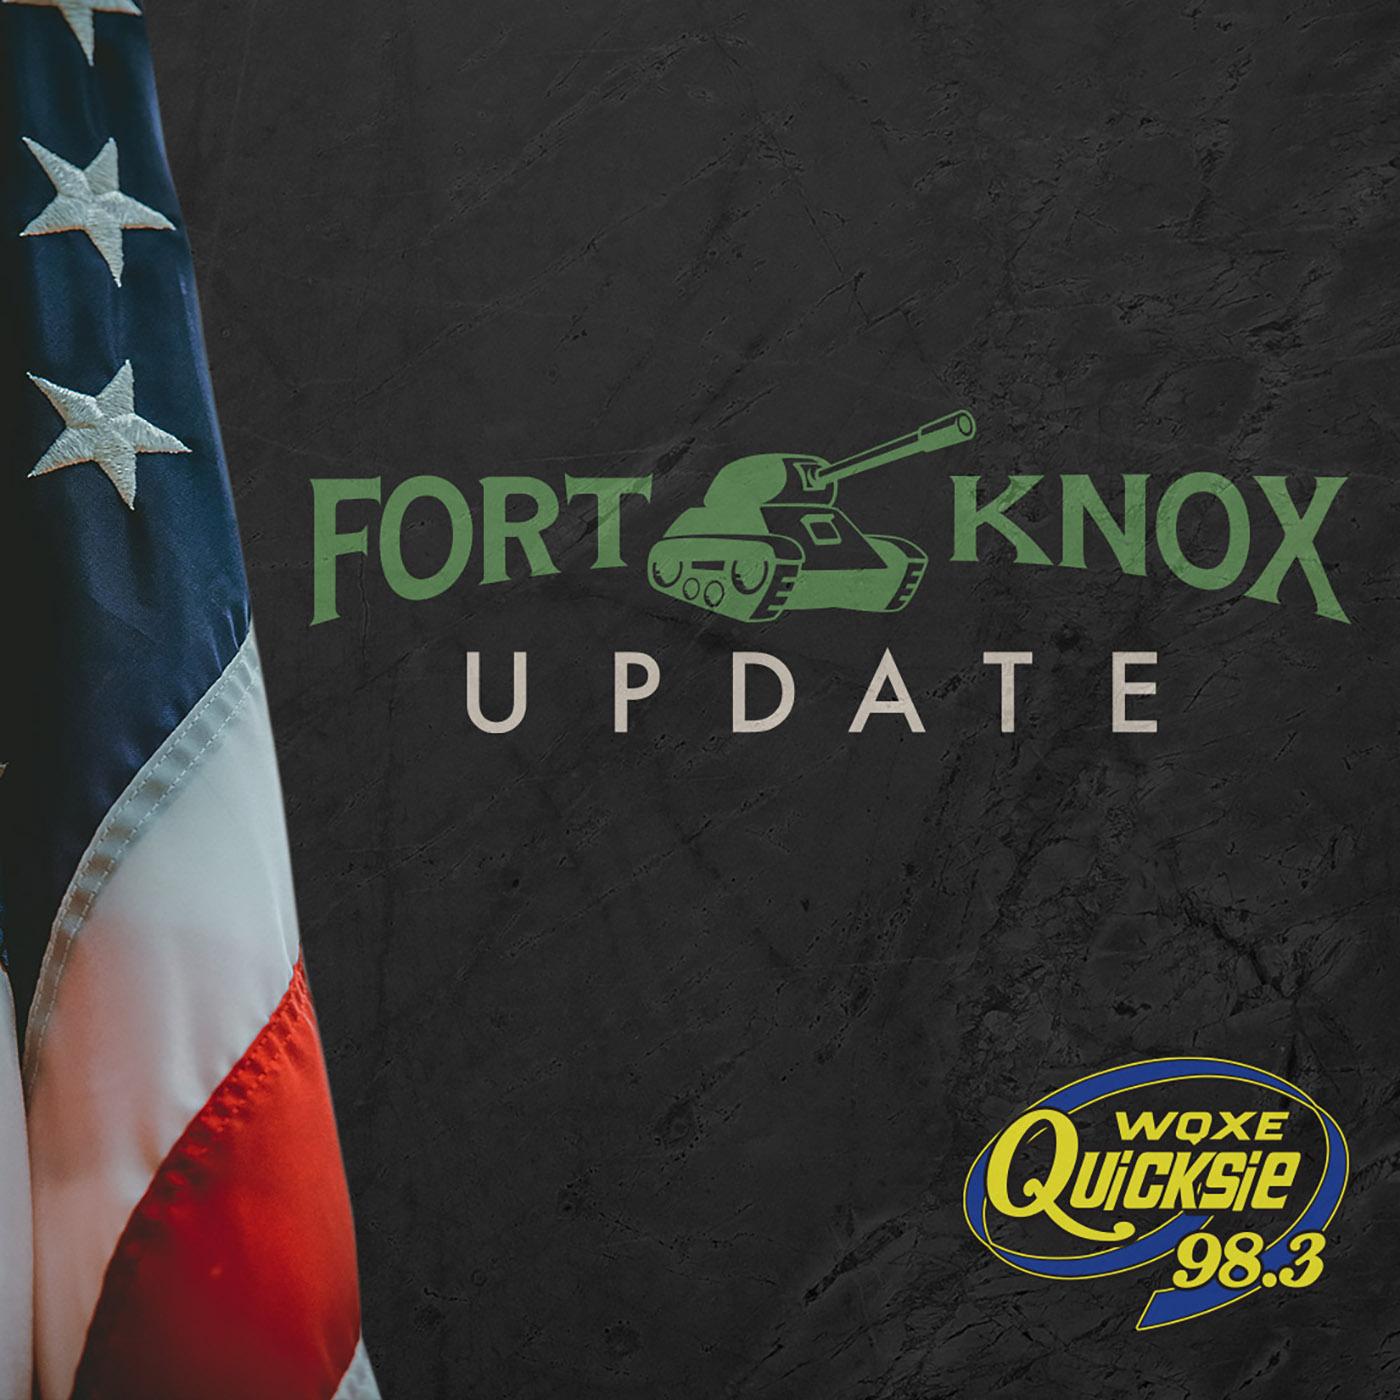 Fort Knox Update – Quicksie 98.3